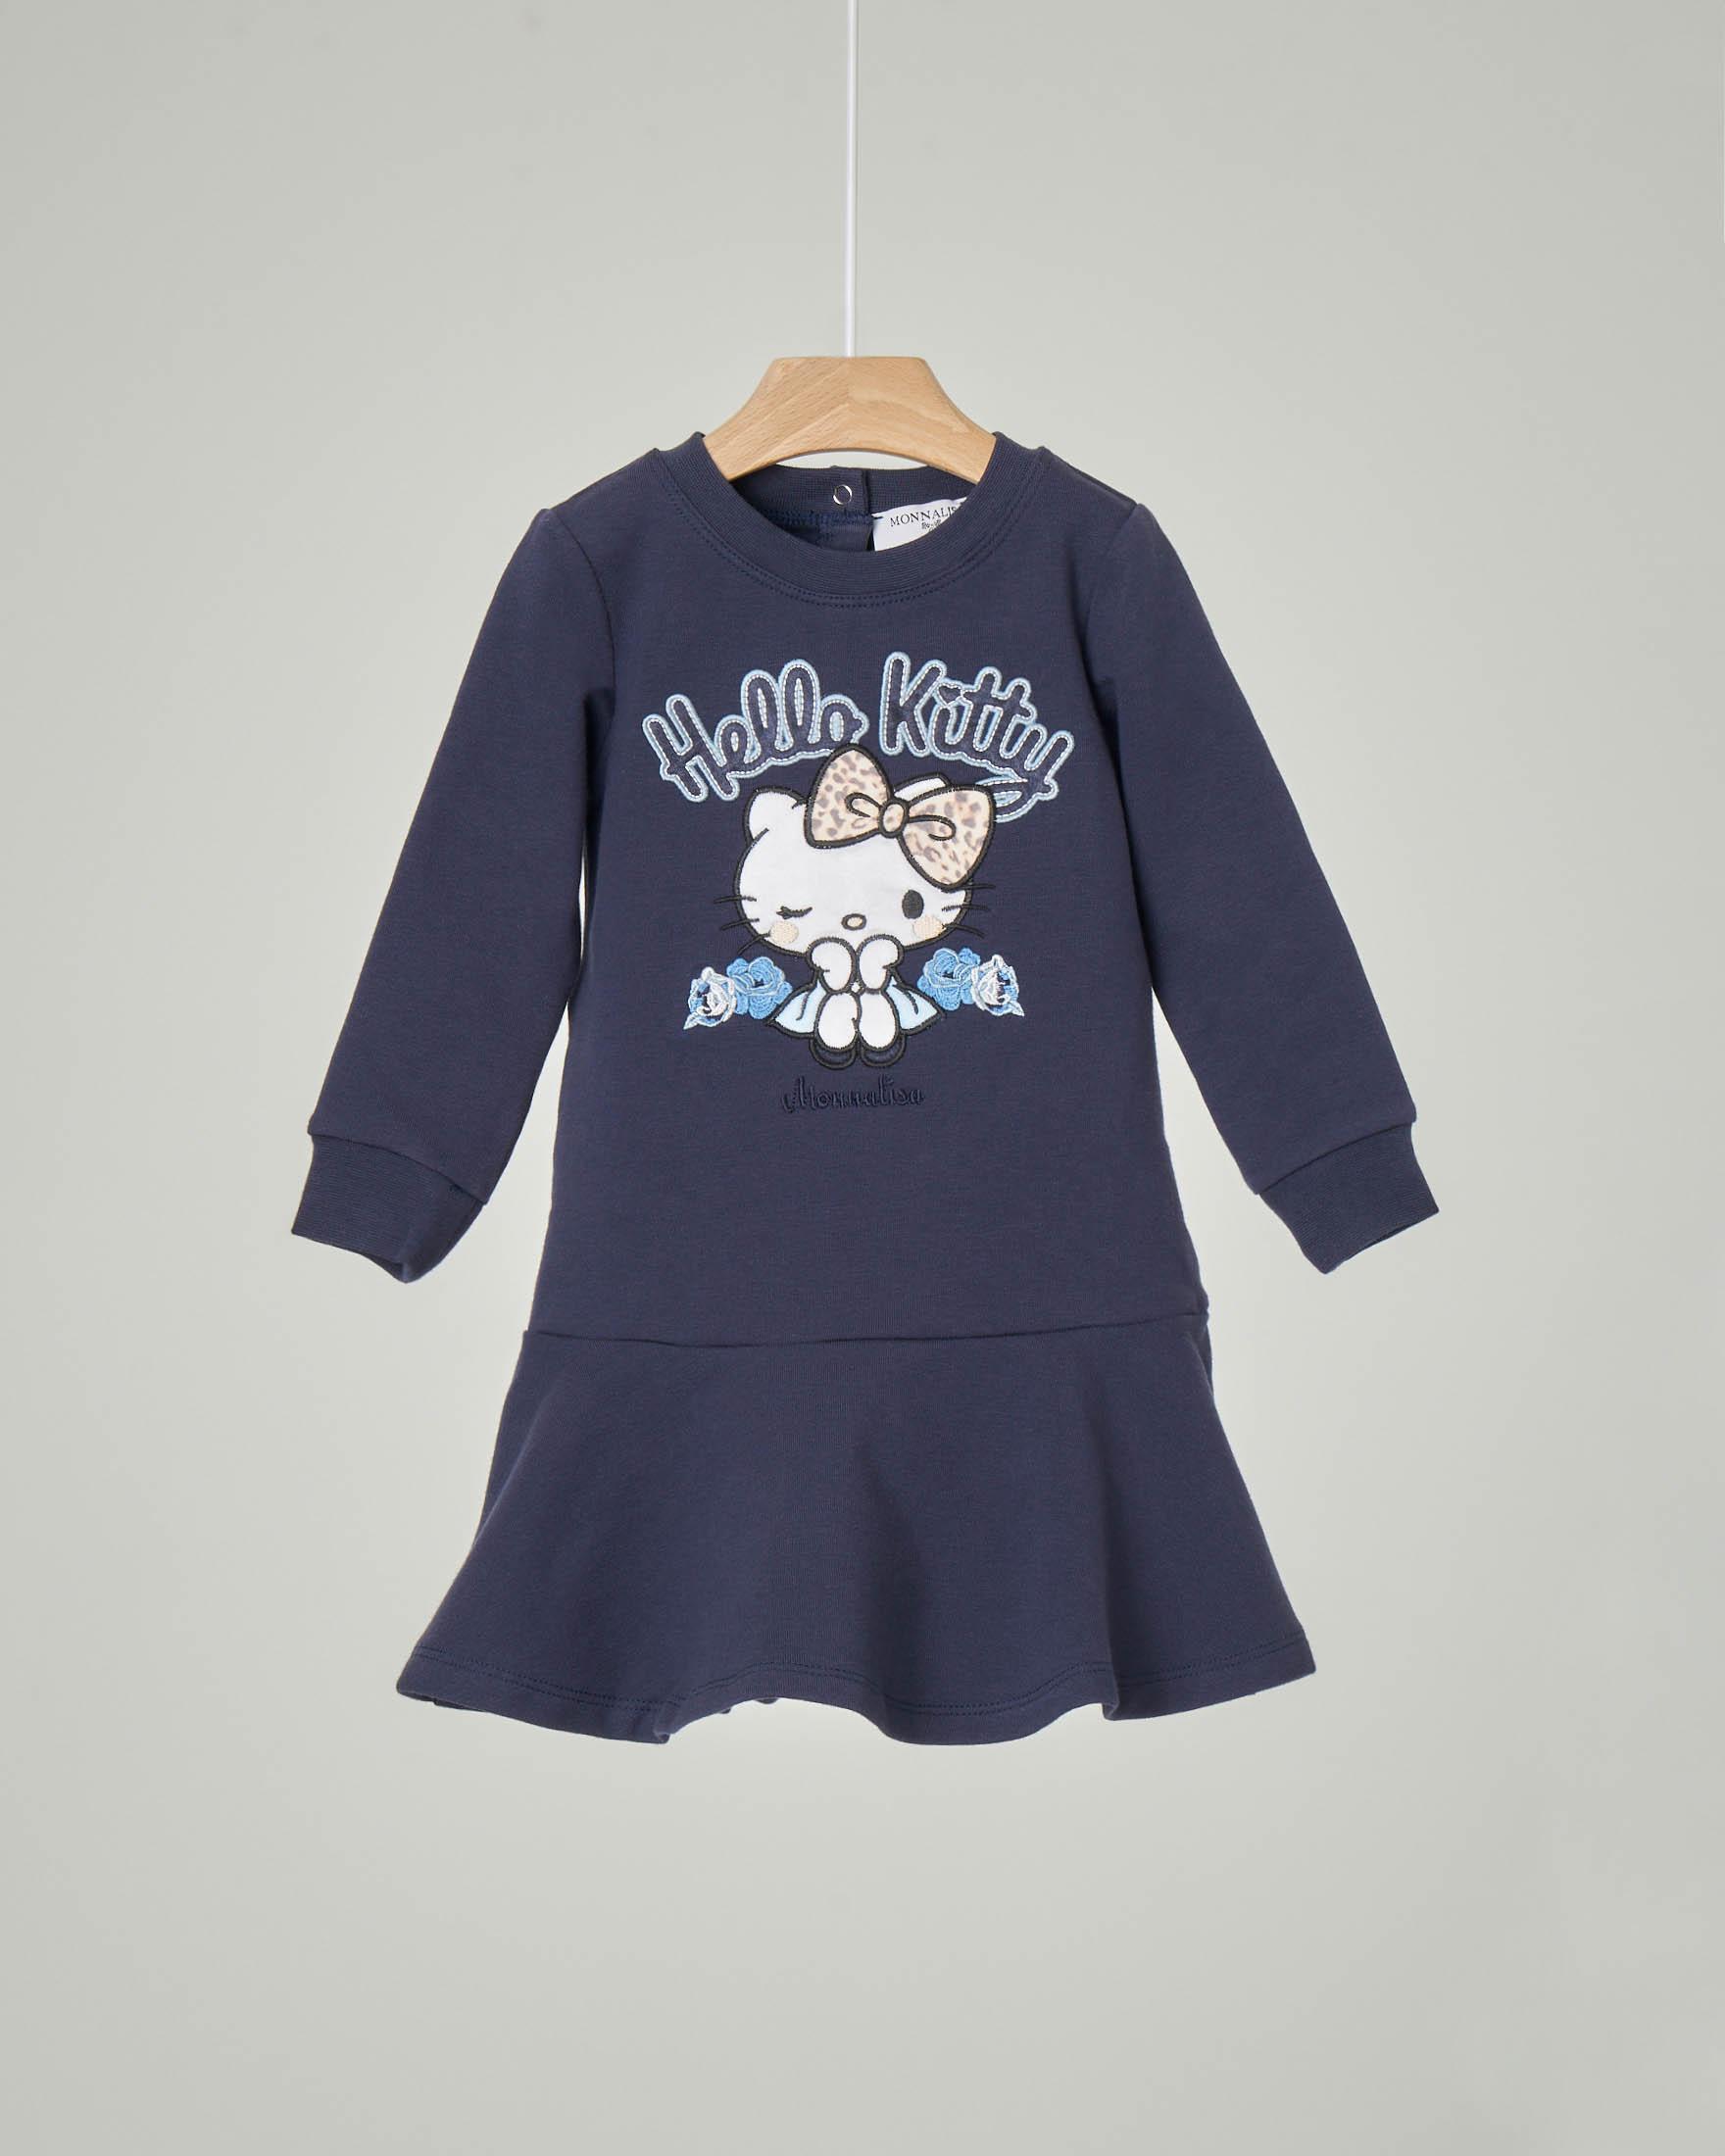 Abito blu con manica lunga in cotone elasticizzato con balza sul fondo e ricamo disegno Hello Kitty 12-36 mesi